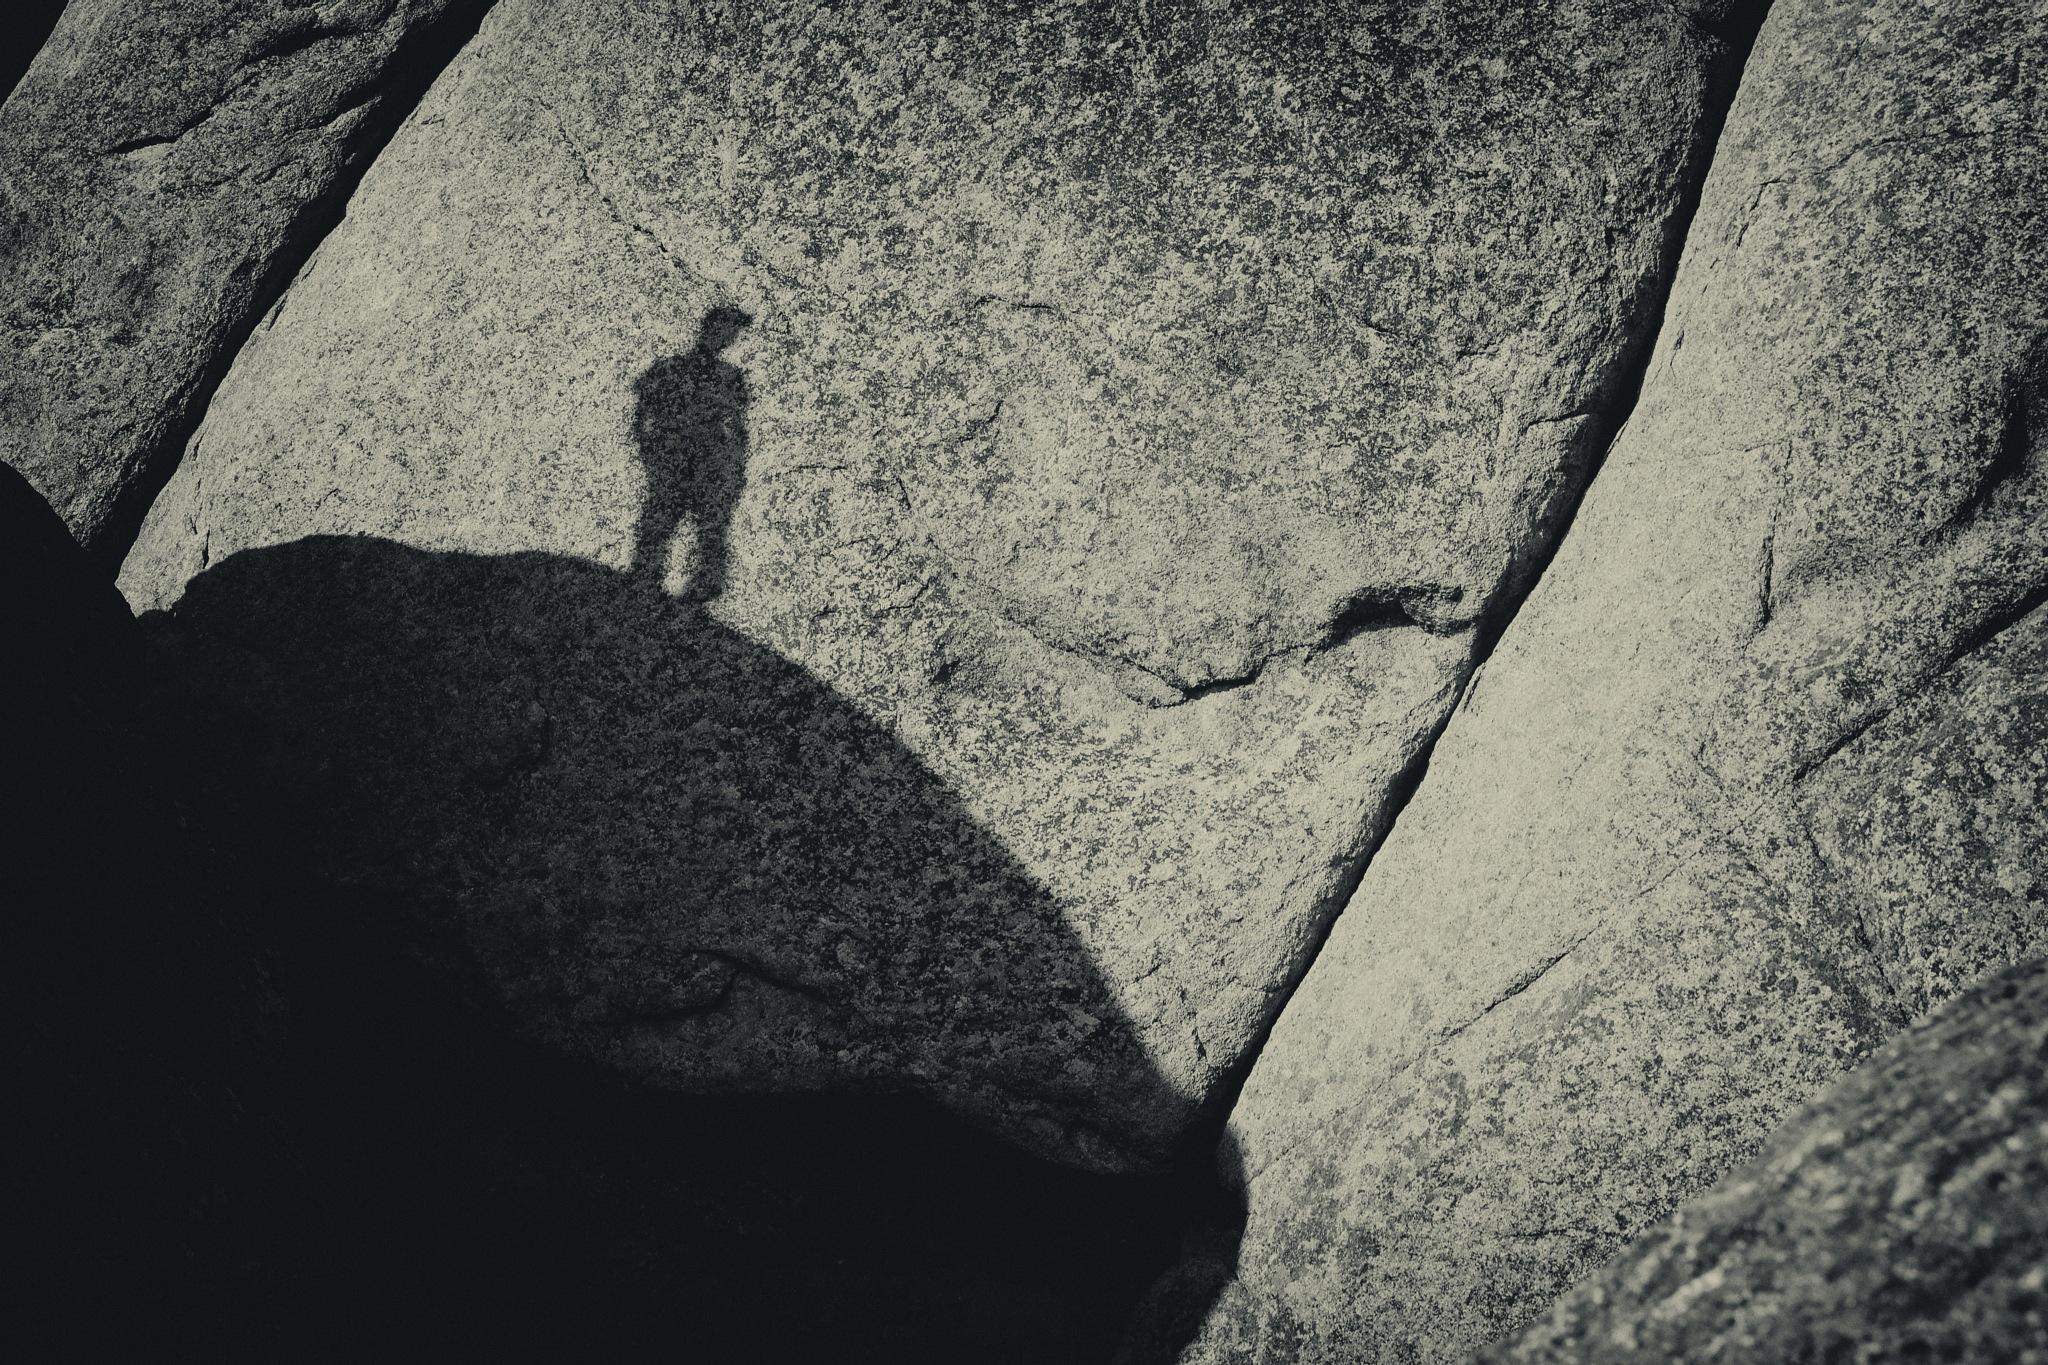 The shadow man by AMeshkov